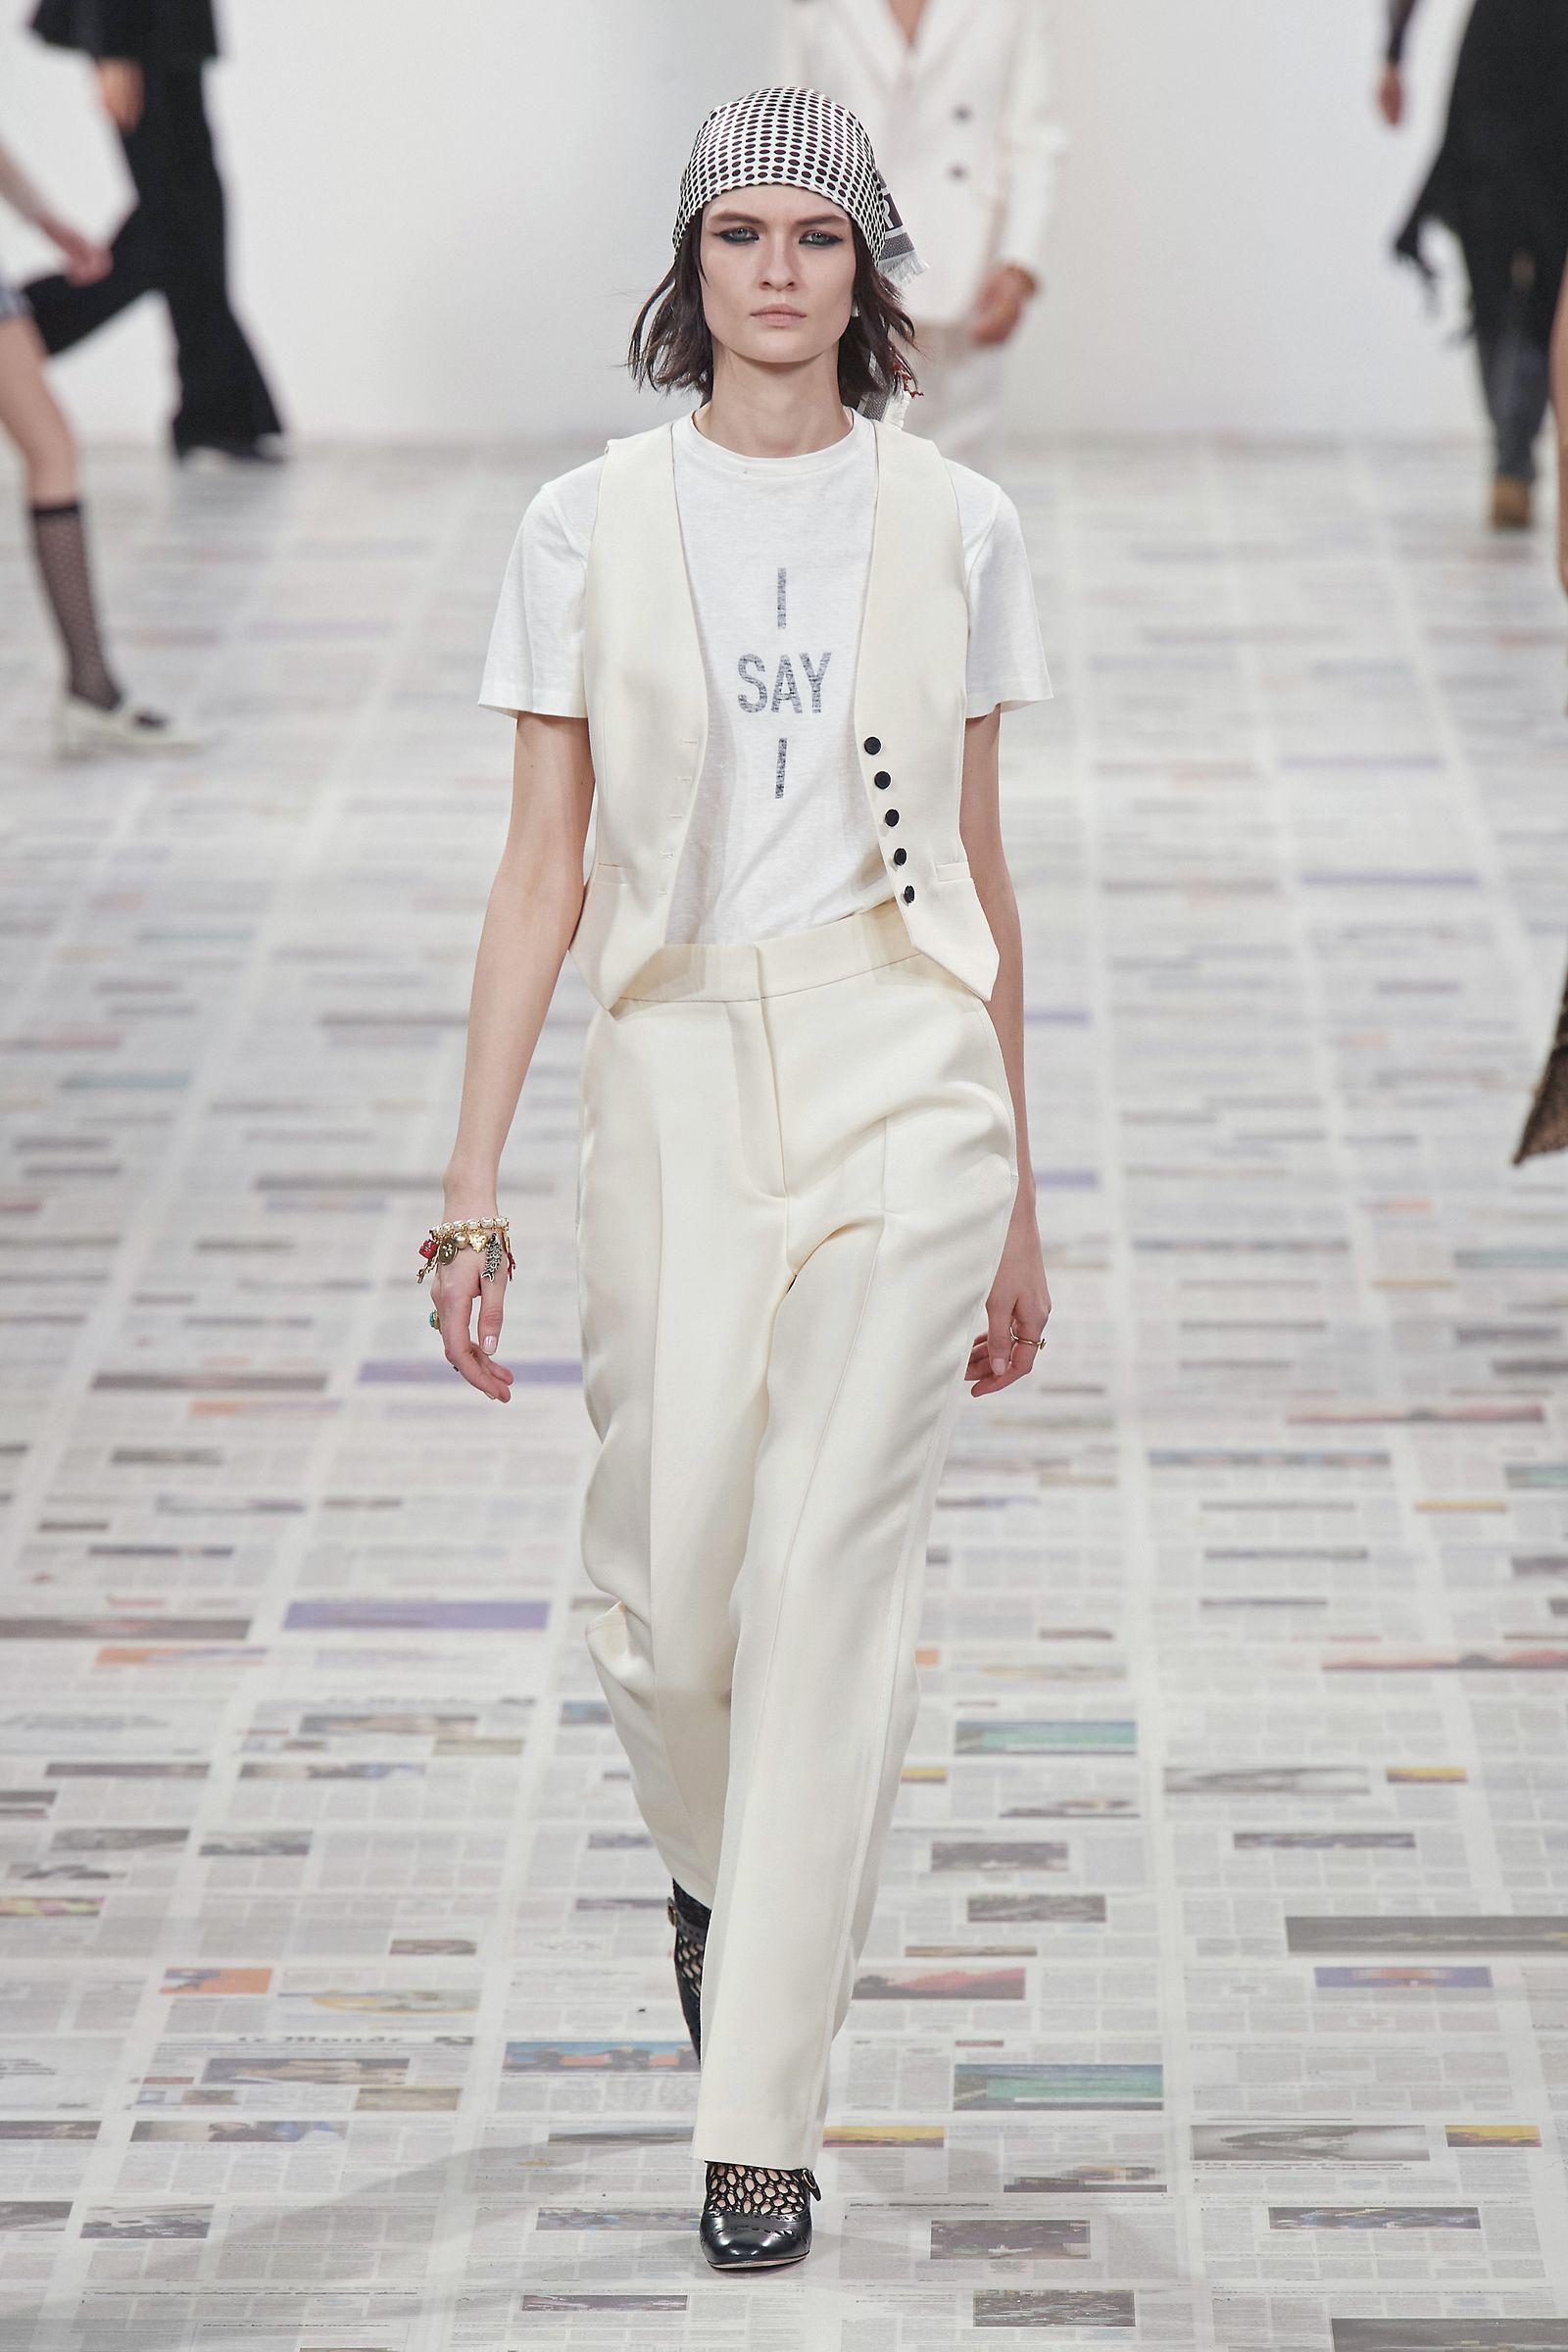 La nuova ossessione moda per l'Autunno che dà dipendenza sono i gilet indossati come giacca